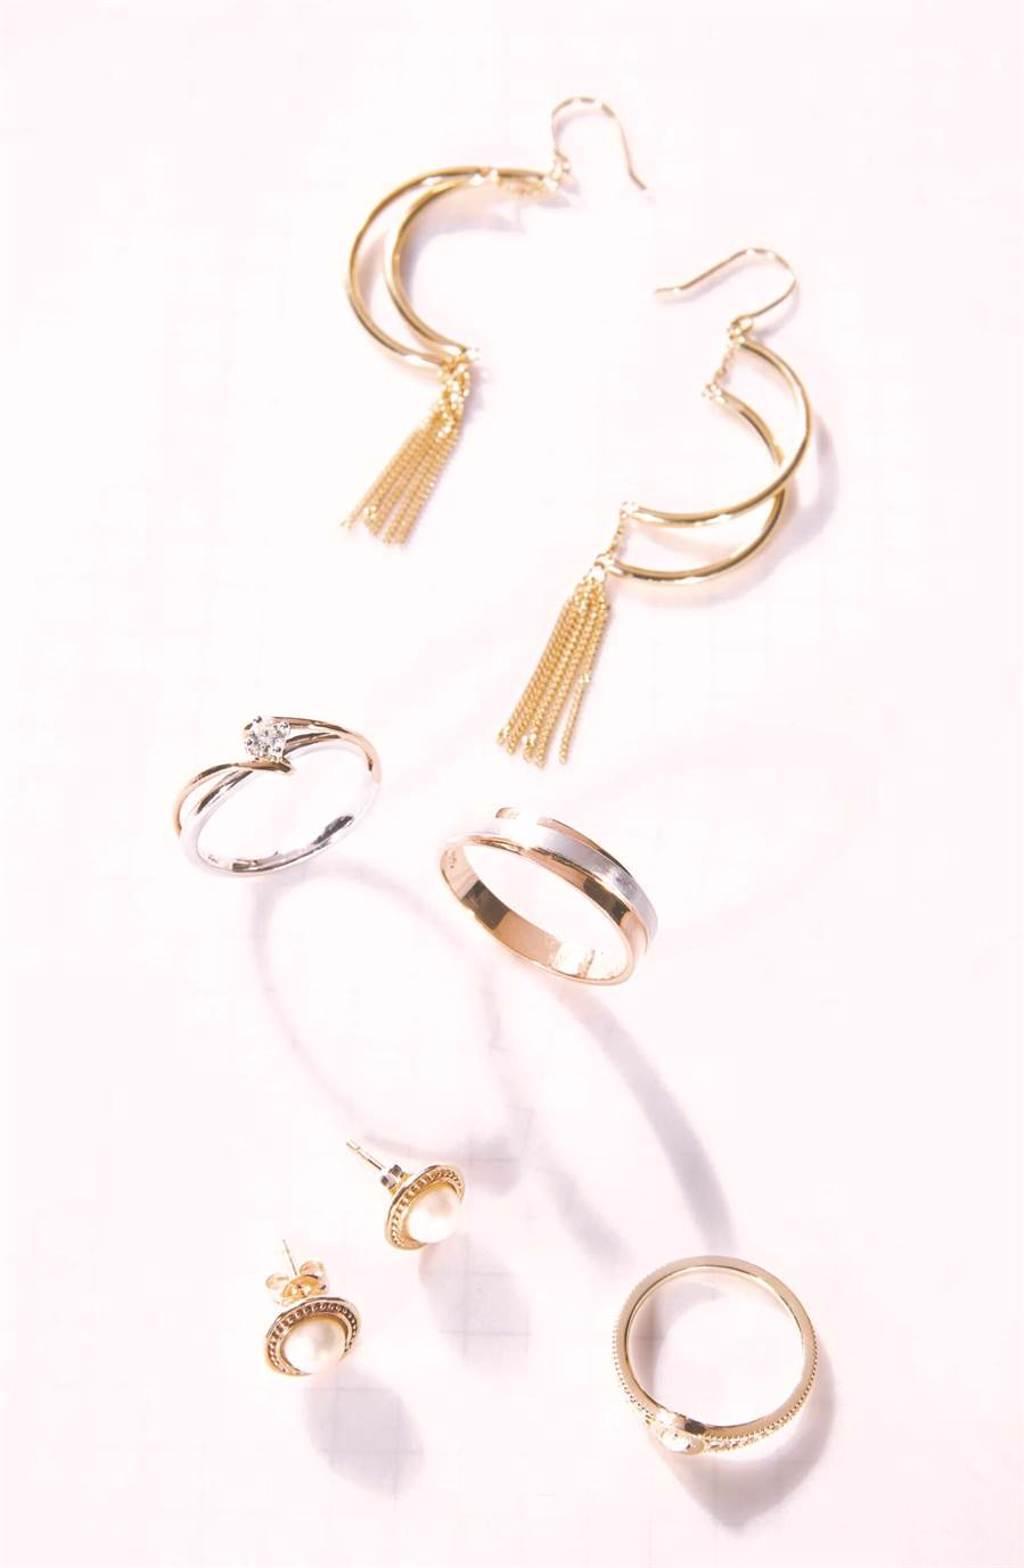 統一時代百貨台北店的Grastyle Jewelry情牽天然鑽石K金對戒,原價4萬5000元,特價2萬9800元,限量2組。(統一時代百貨台北店提供)